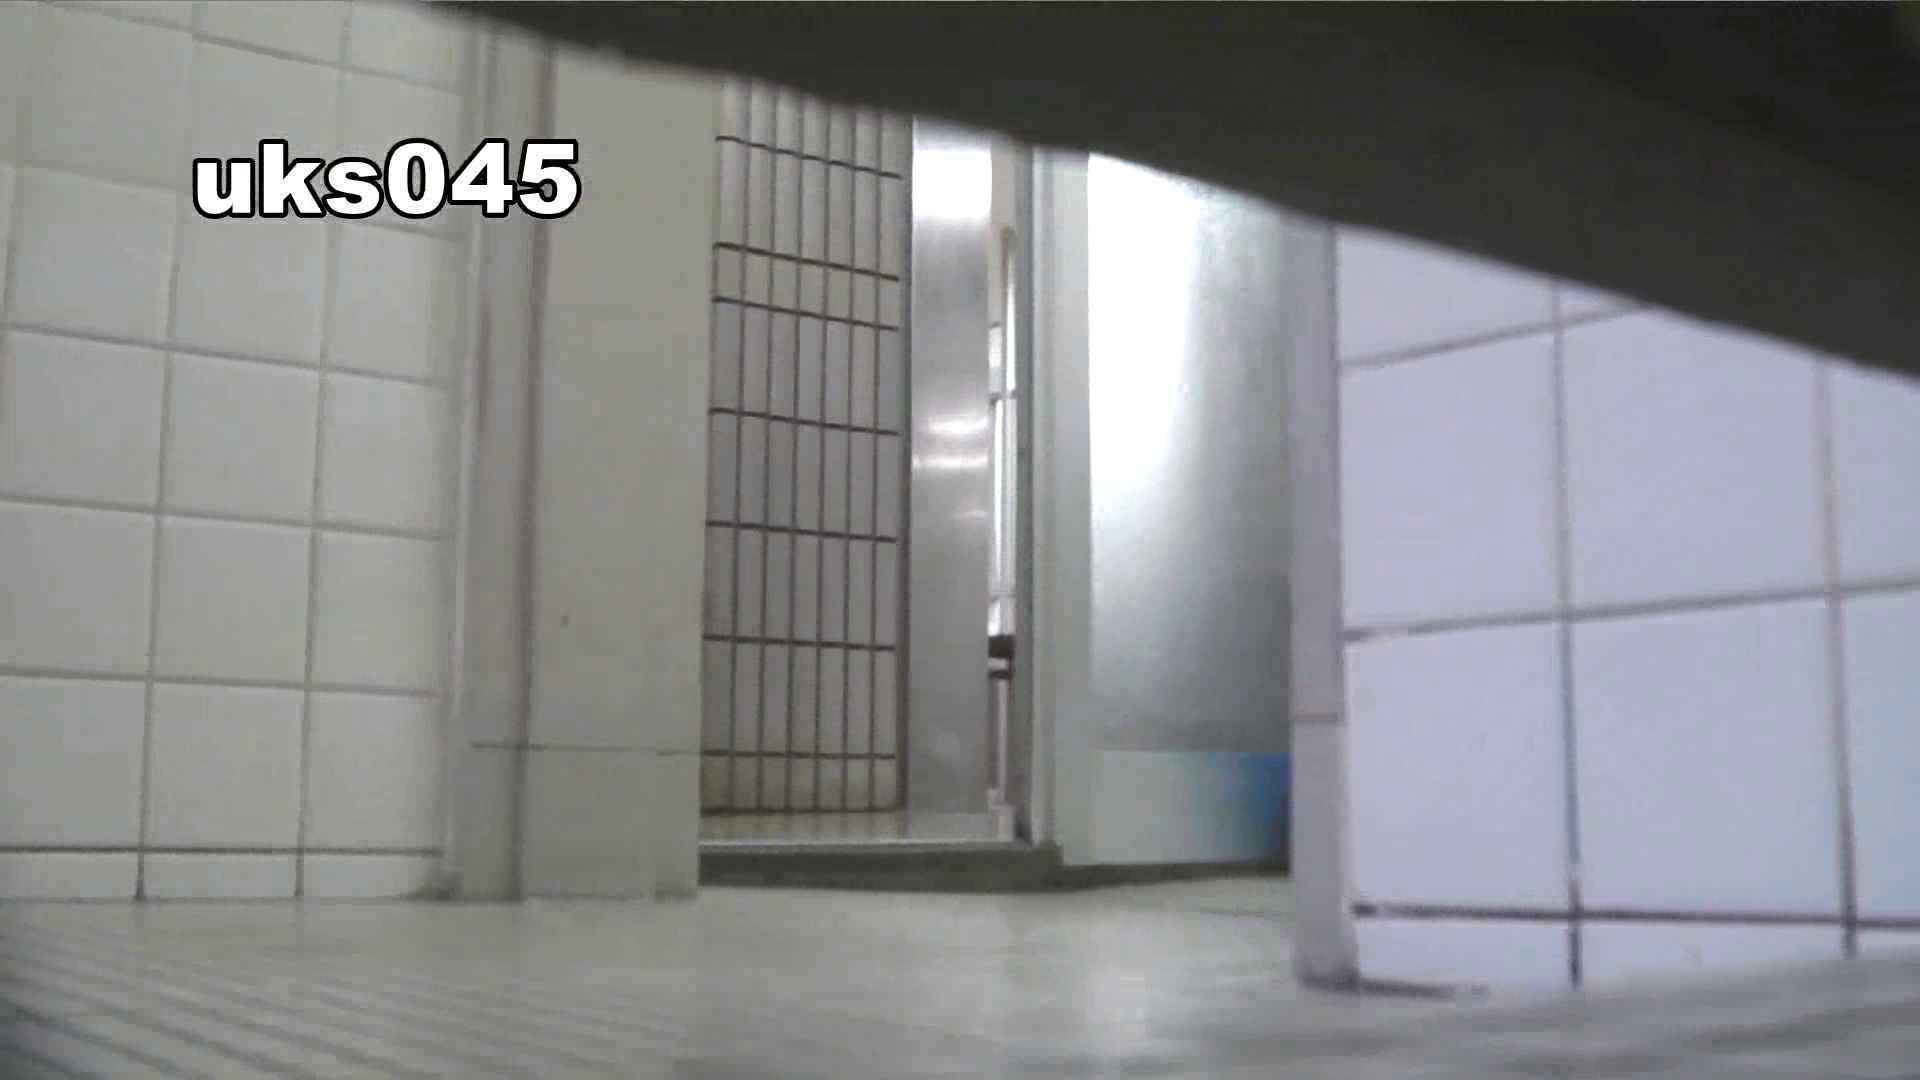 【美しき個室な世界】vol.045 みんなモリモリ 高画質  57PIX 12